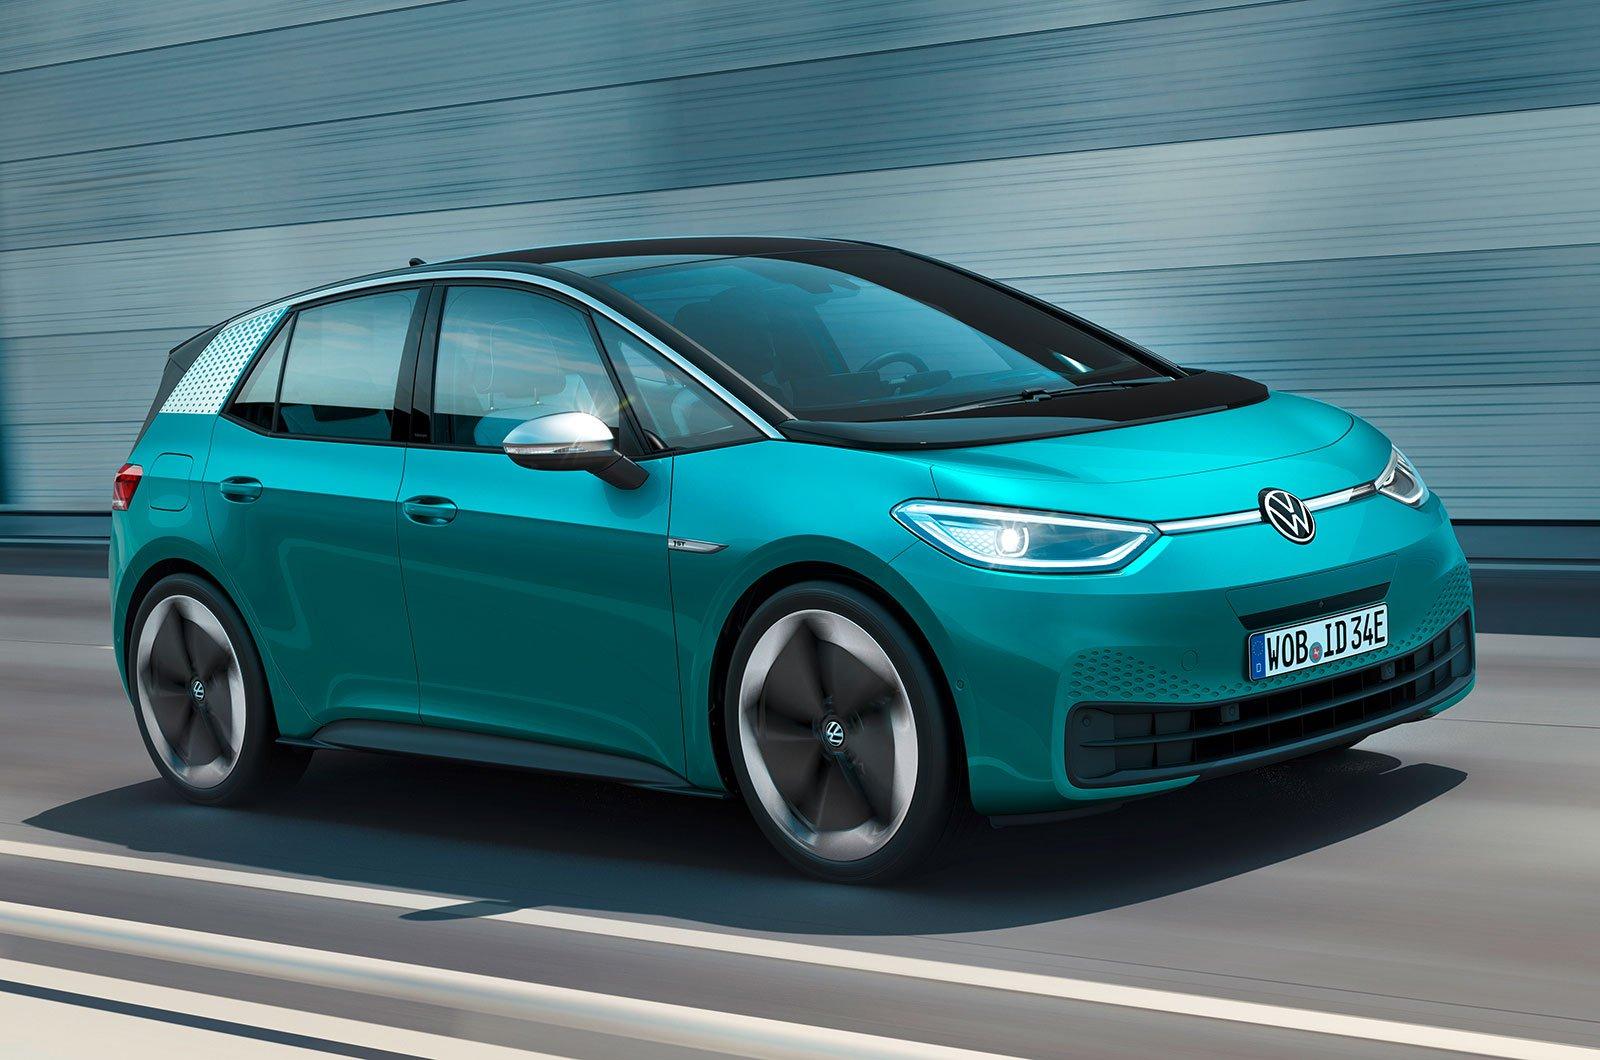 2020 Volkswagen ID 3 front